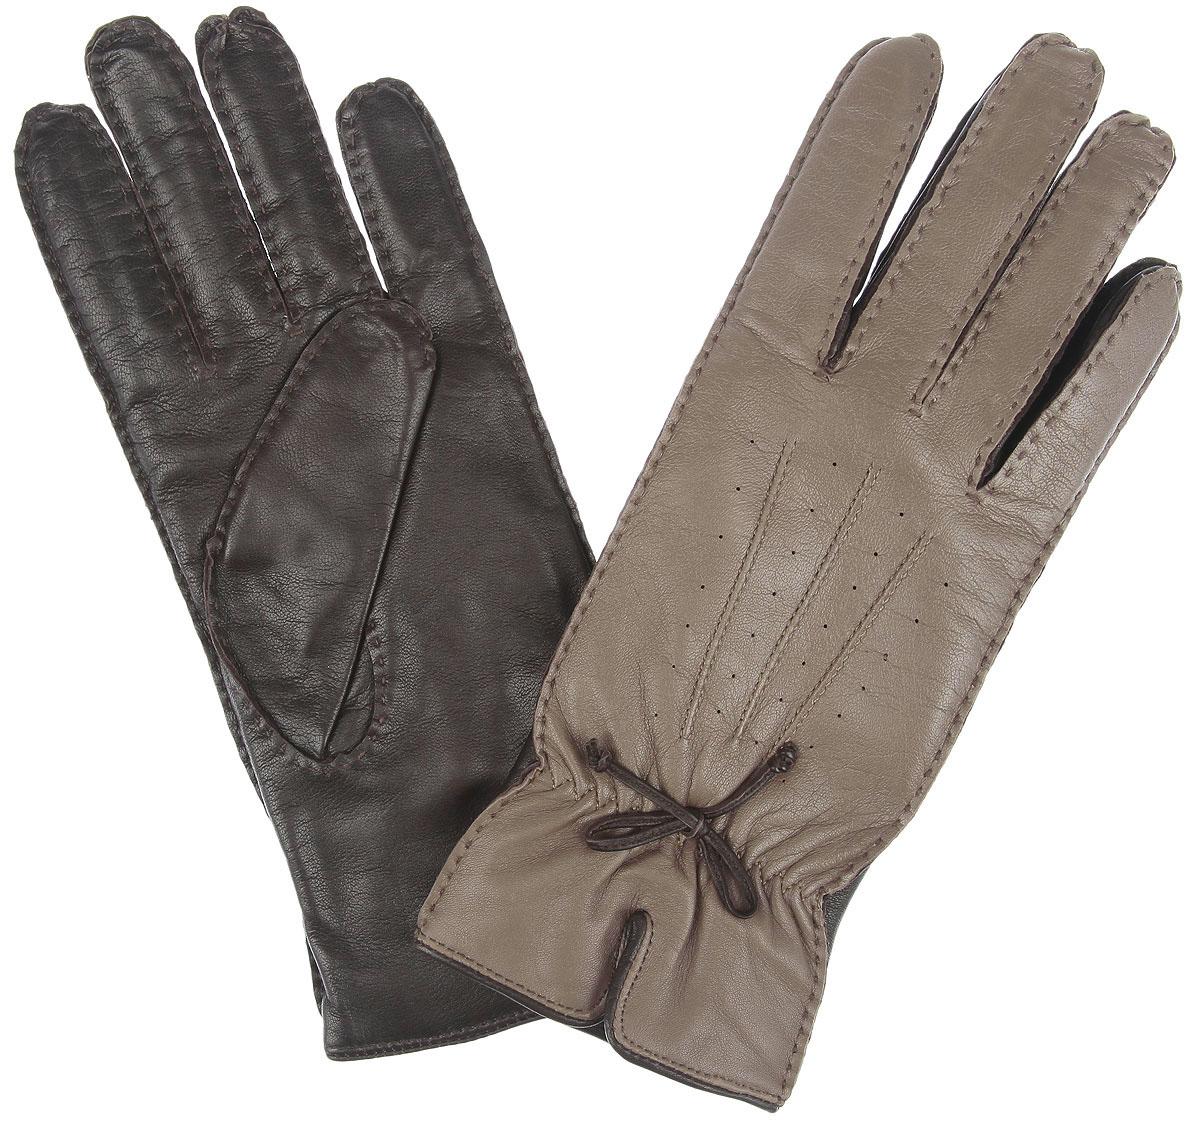 2.40-10 taupeПотрясающие женские перчатки Fabretti не только защитят ваши руки, но и станут великолепным украшением. Перчатки выполнены из чрезвычайно мягкой и приятной на ощупь натуральной кожи, а их подкладка - из шерсти с добавлением кашемира. Модель исполнена в двух оттенках. Лицевая сторона оформлена оригинальной отстрочкой, бантиком, декоративными швами три луча, небольшим разрезом, а также аккуратной резинкой для лучшей фиксации модели на запястье. Отличный классический вариант, который станет прекрасным дополнением к вашему образу.